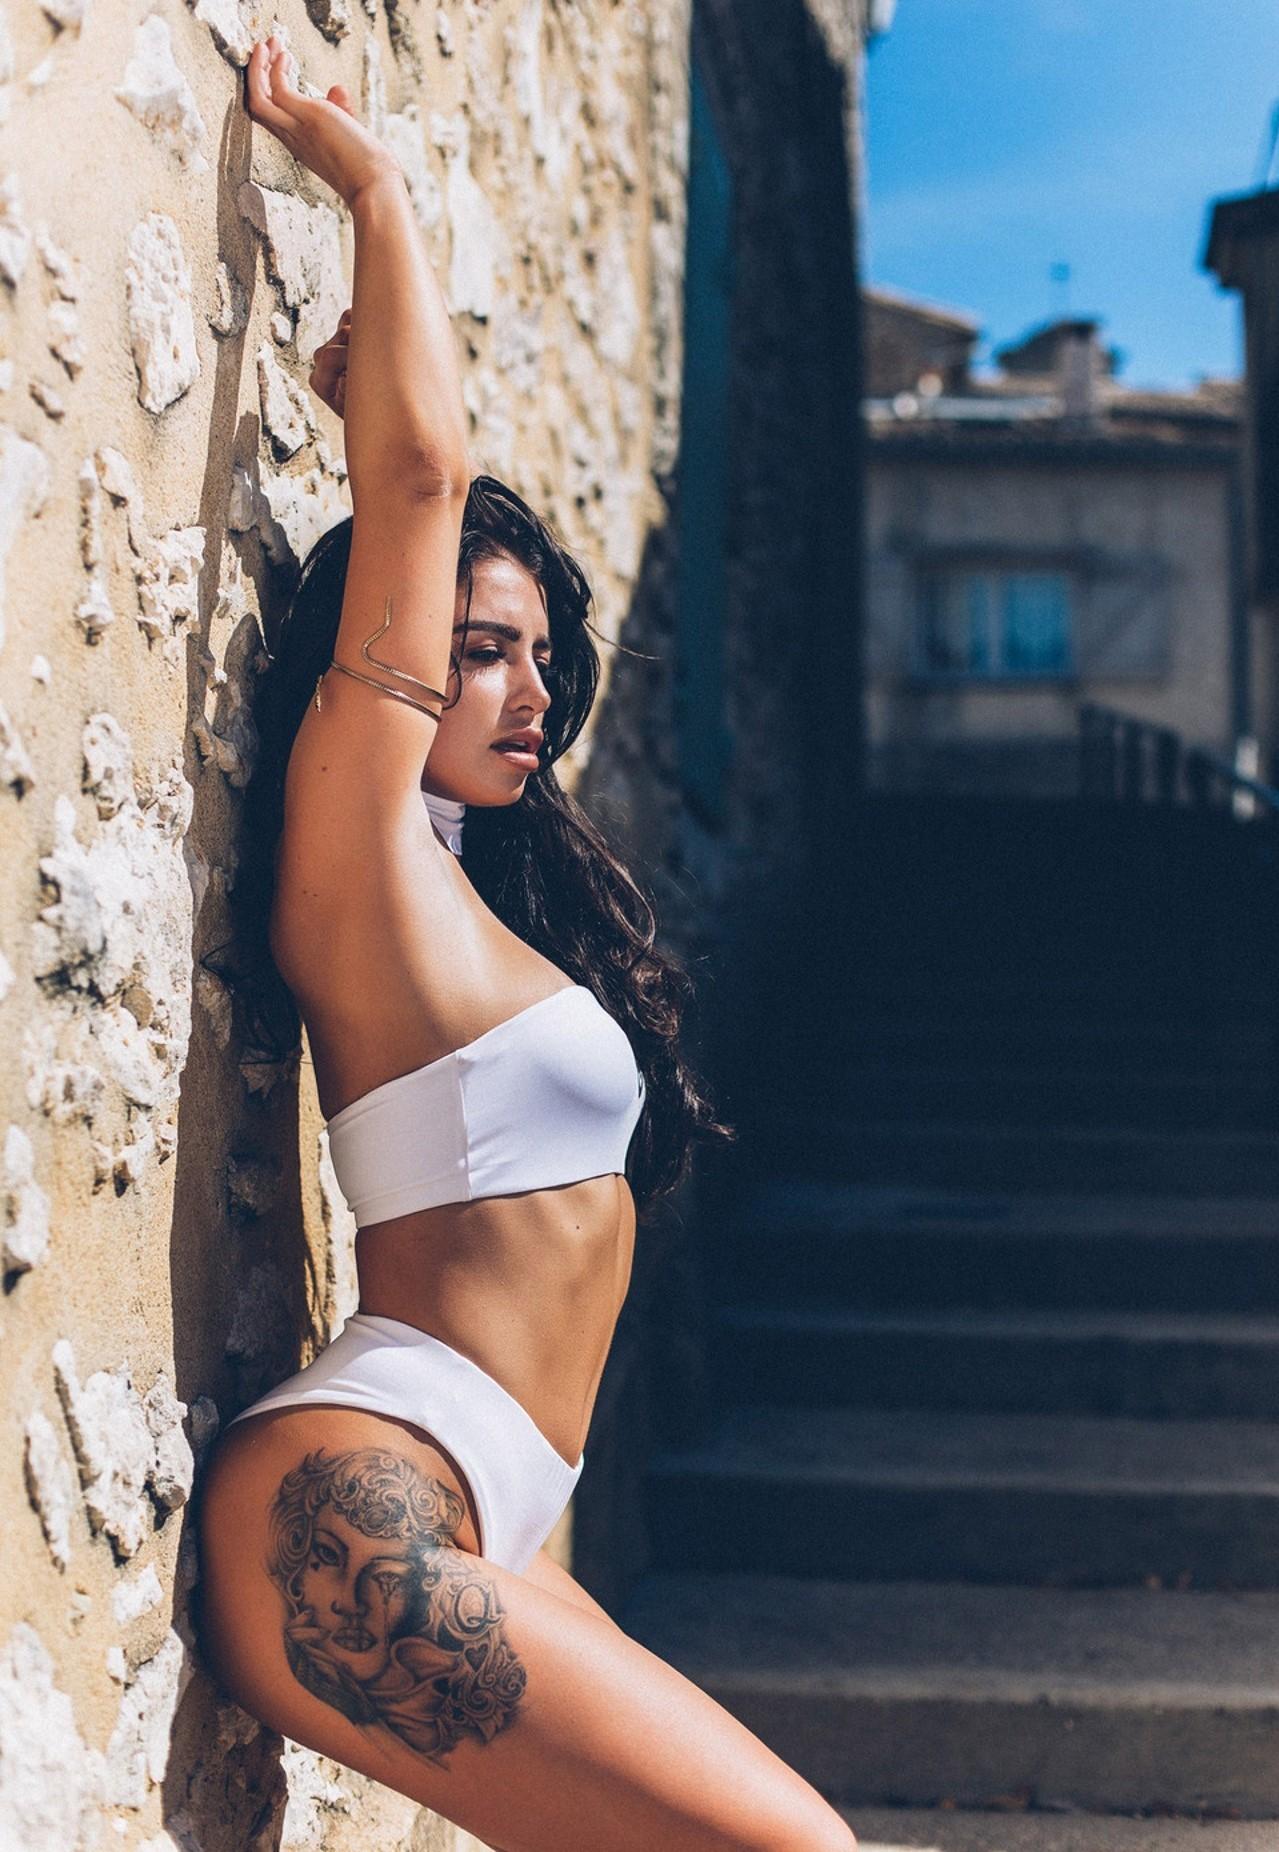 Scarlet Bouvier nudes (13 pictures), photos Erotica, Twitter, underwear 2015